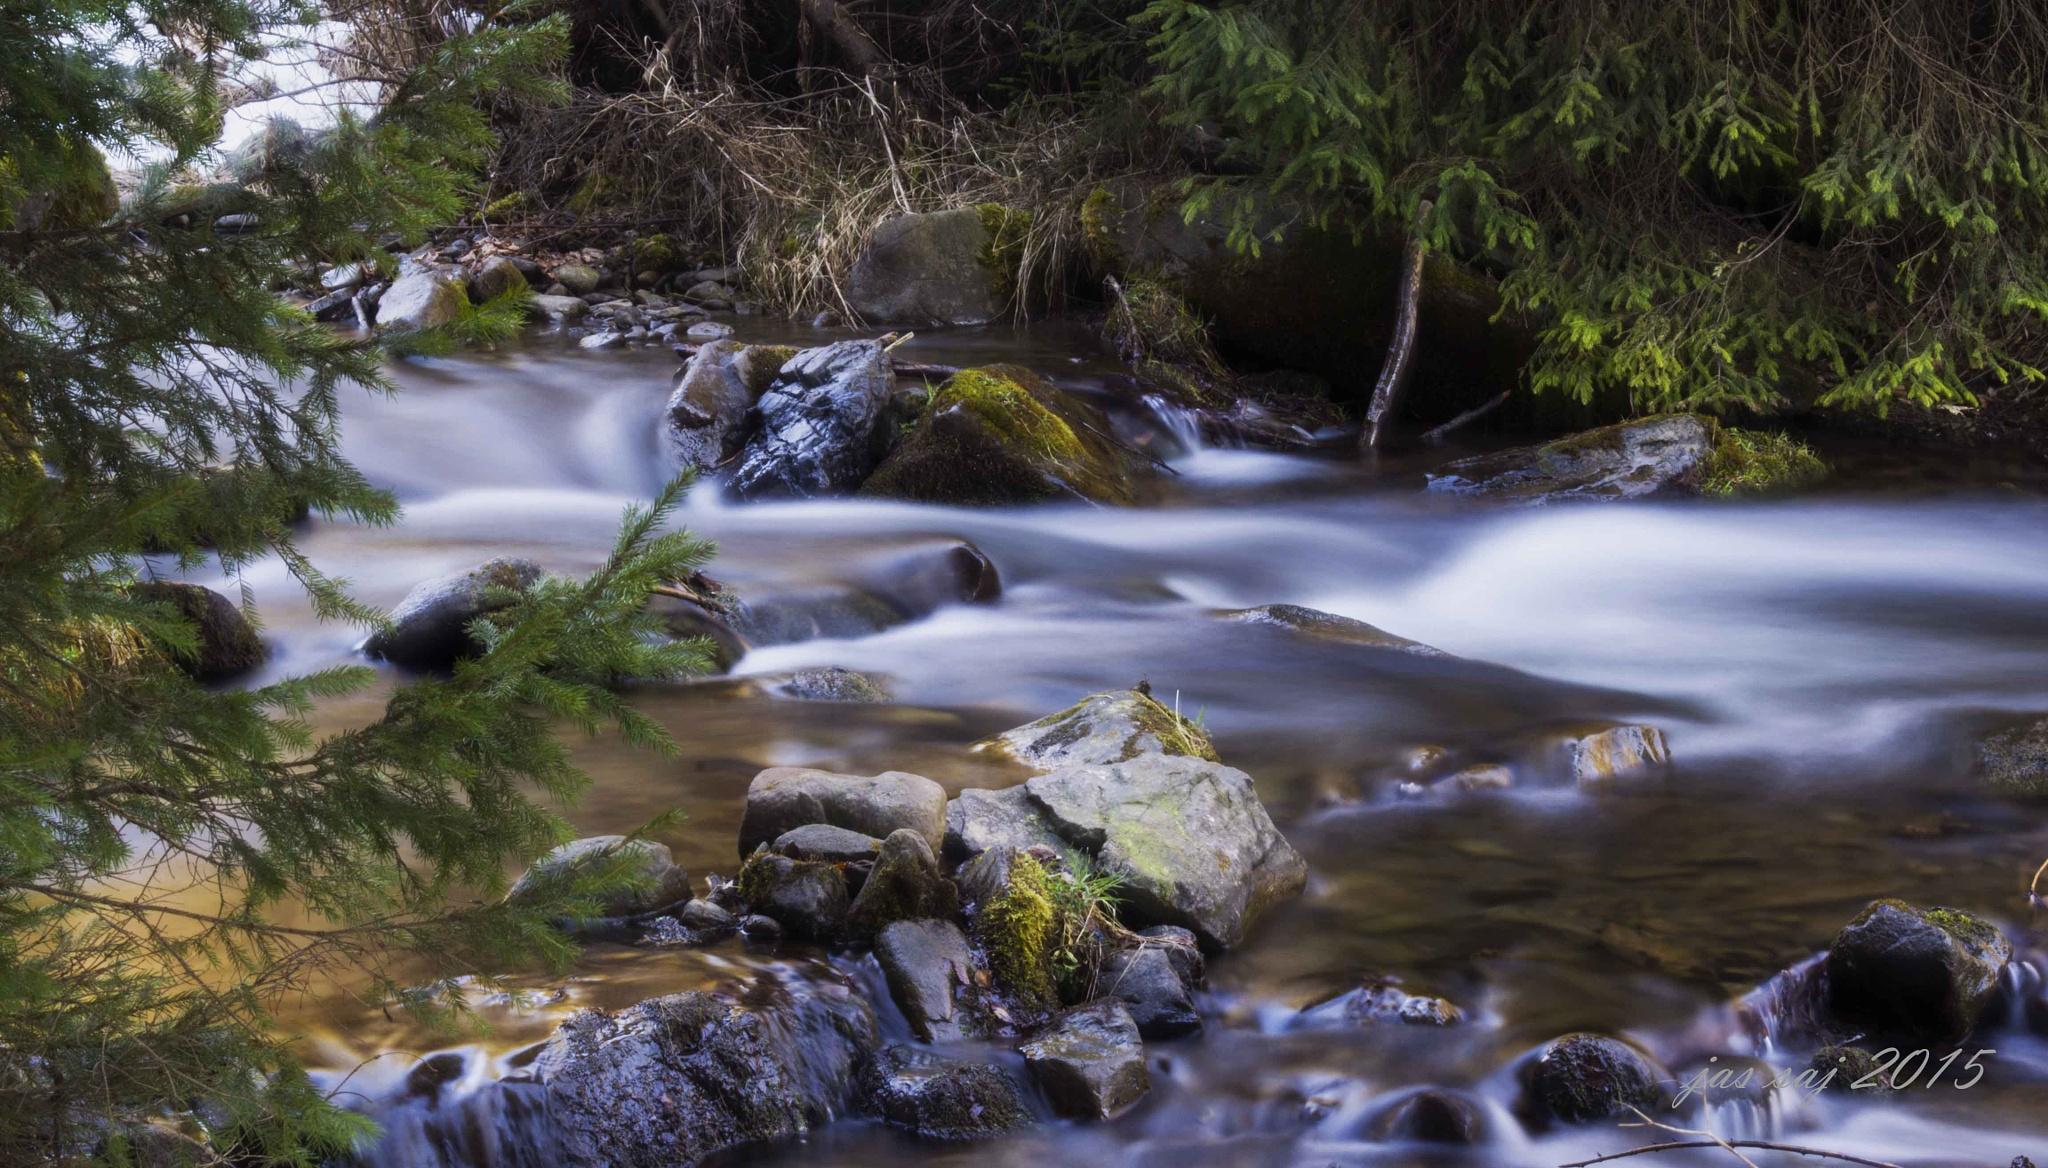 Running water by jassaj